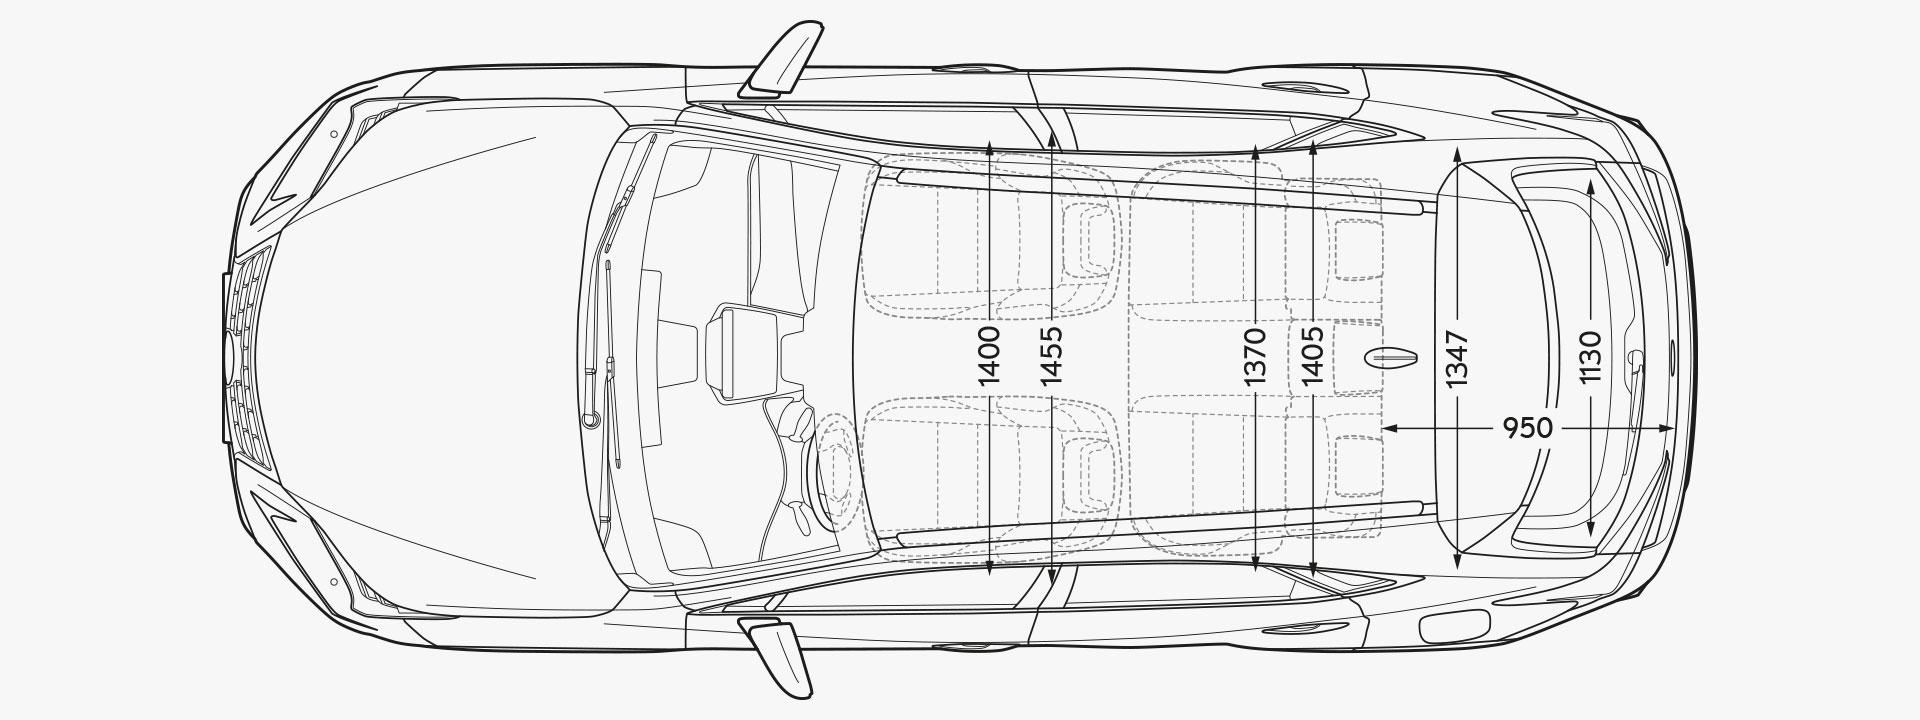 2021 lexus nx grades and specs dimensions top